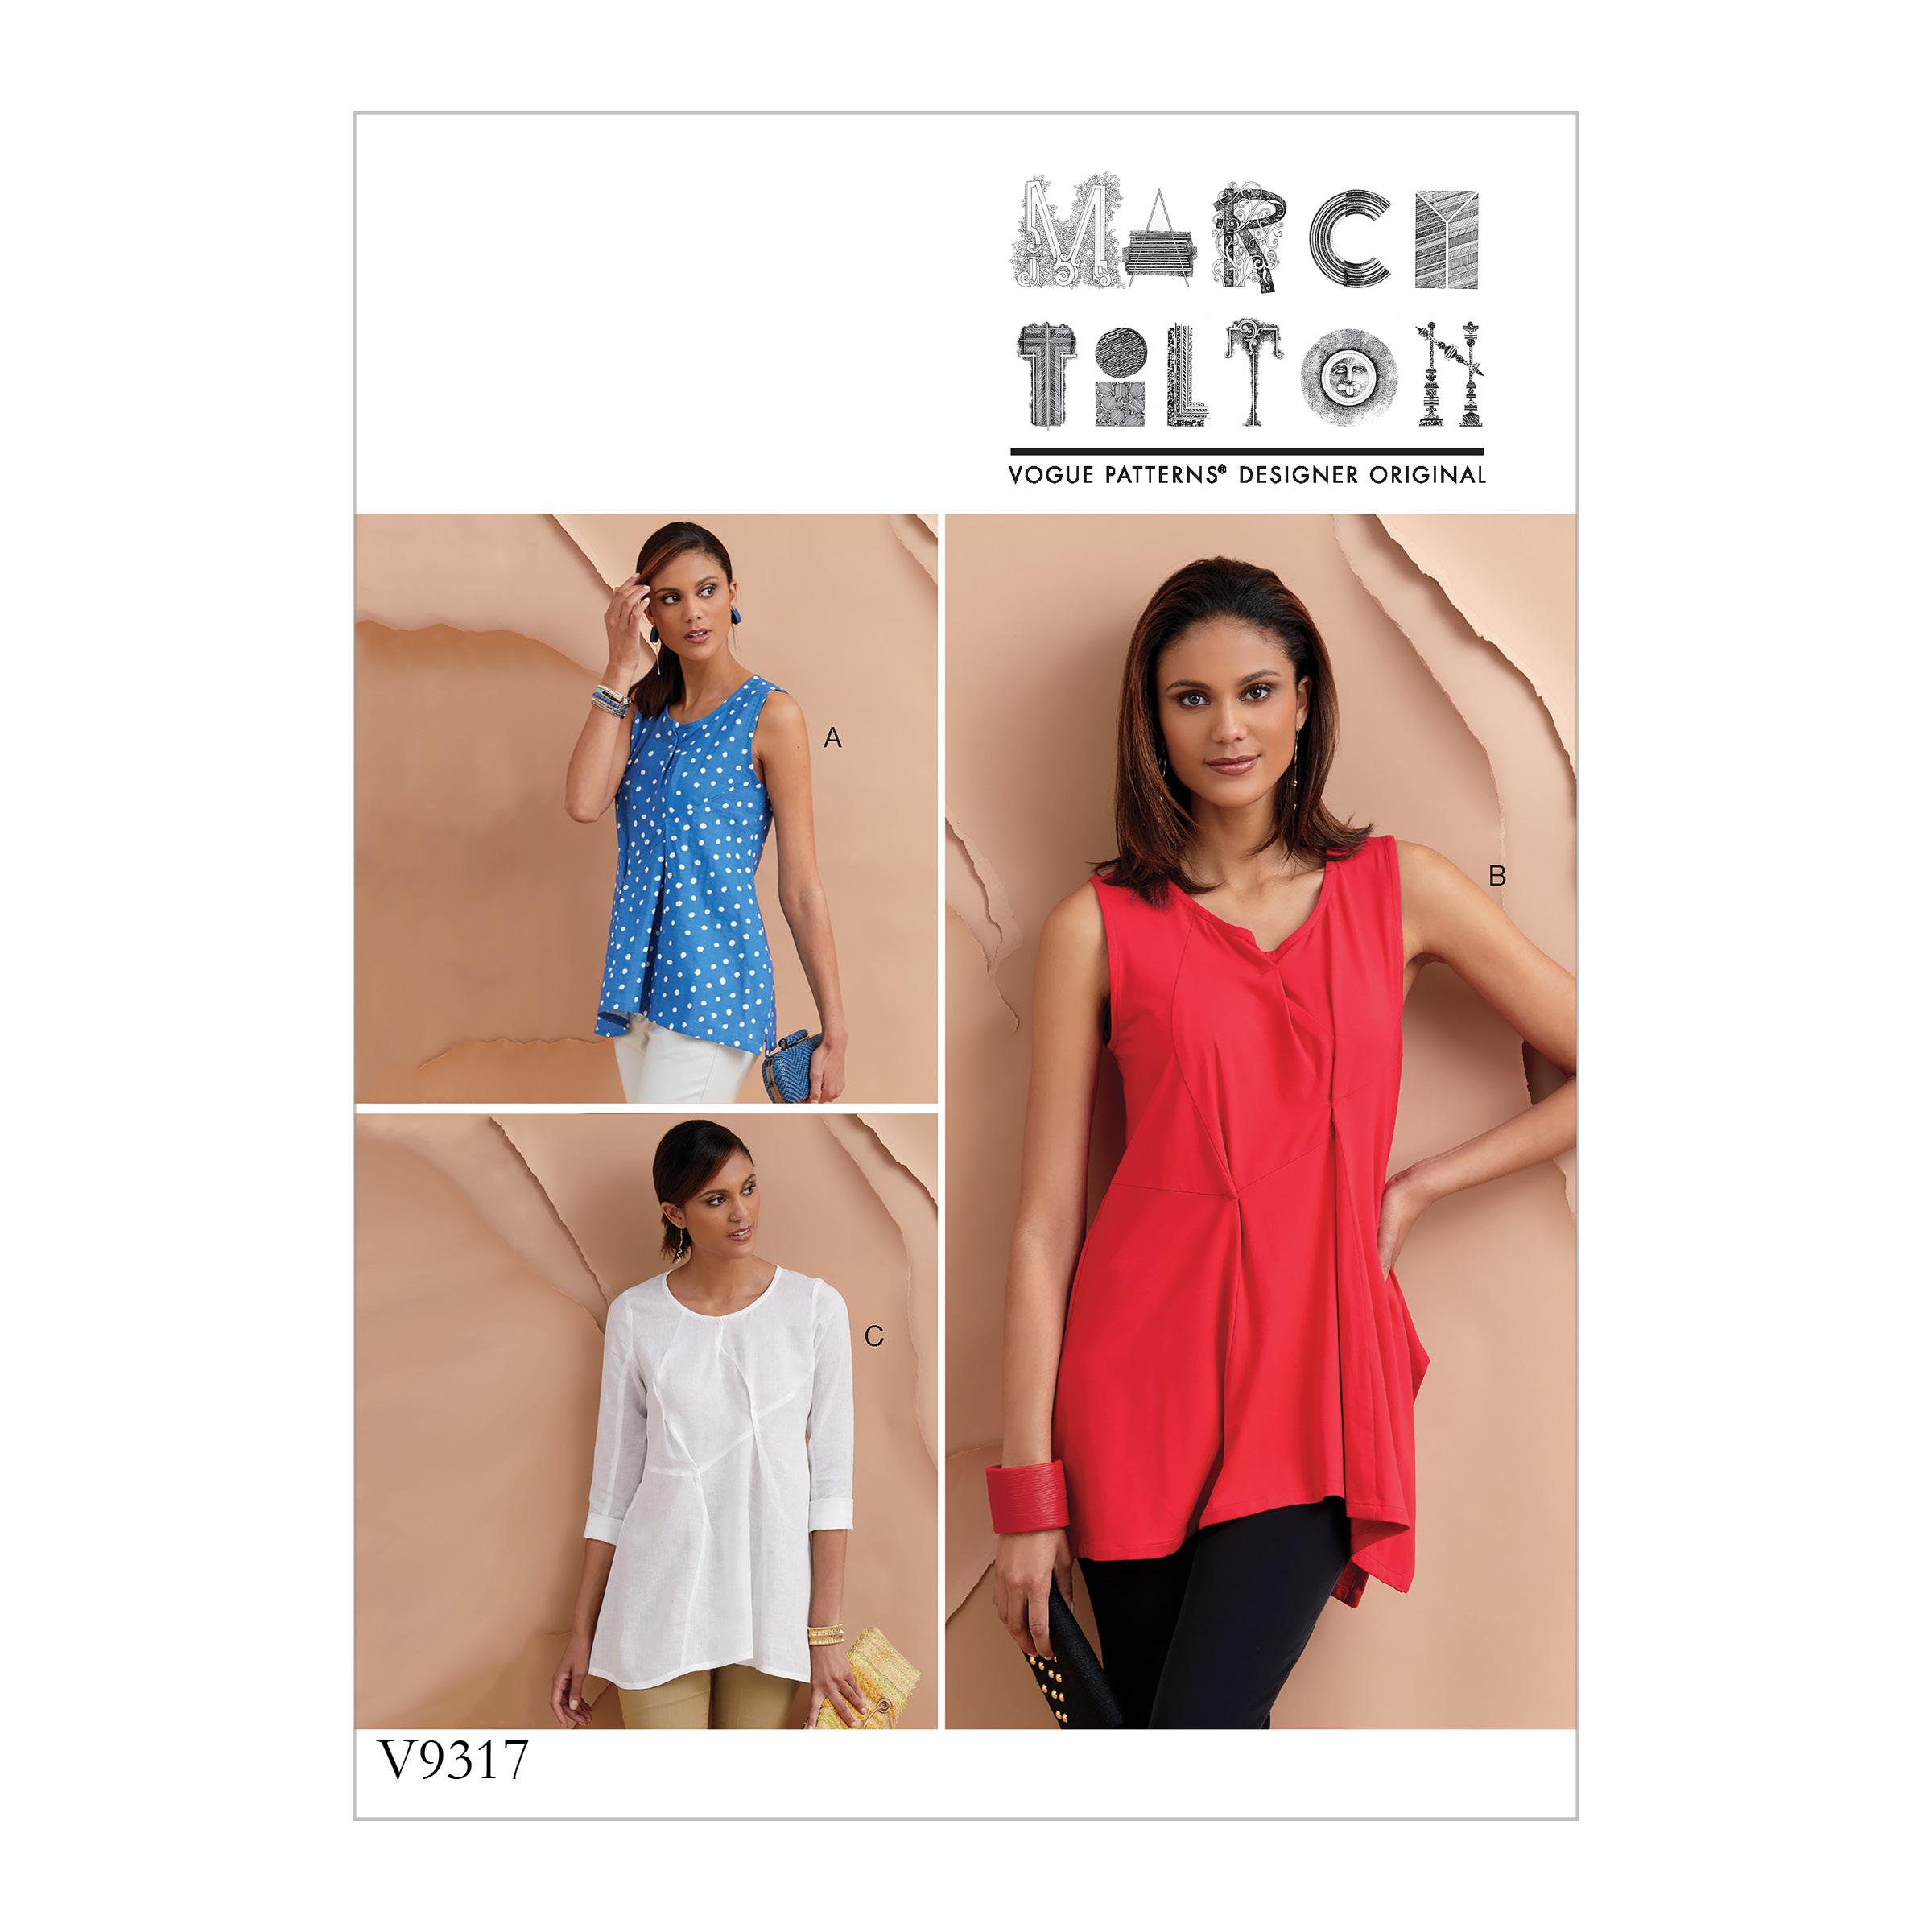 7df975a8f4 Vogue Patterns 9317 MISSES' TOP